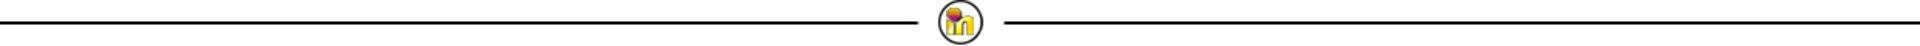 Graue Linie mit dem gekürzten Inhofer-Logo in der Mitte